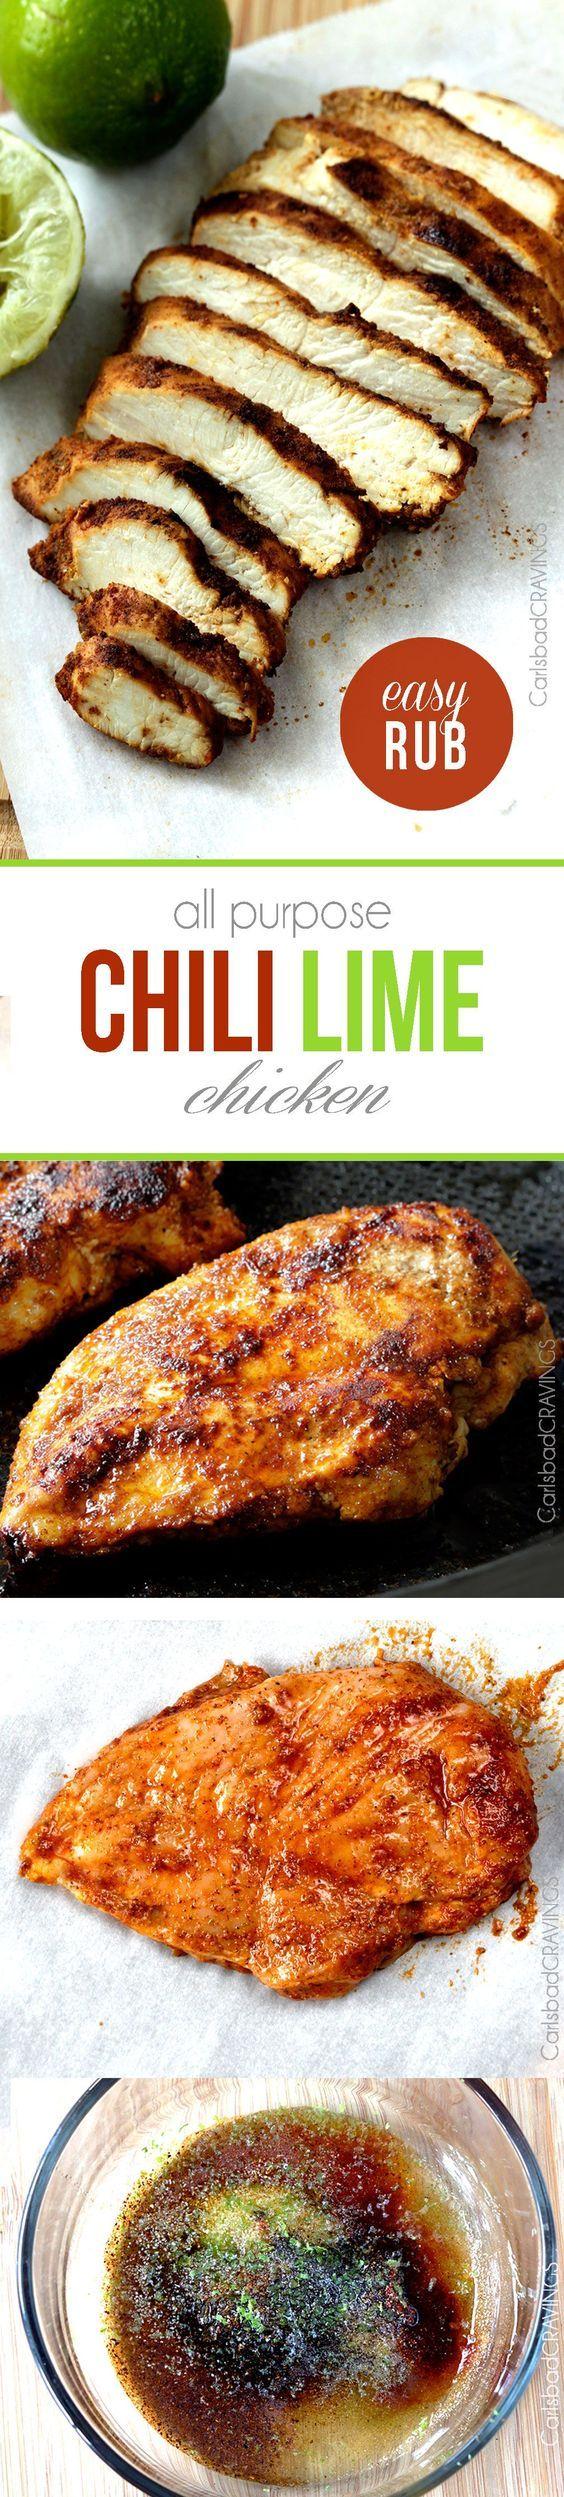 All Purpose Chili Lime Chicken Rub